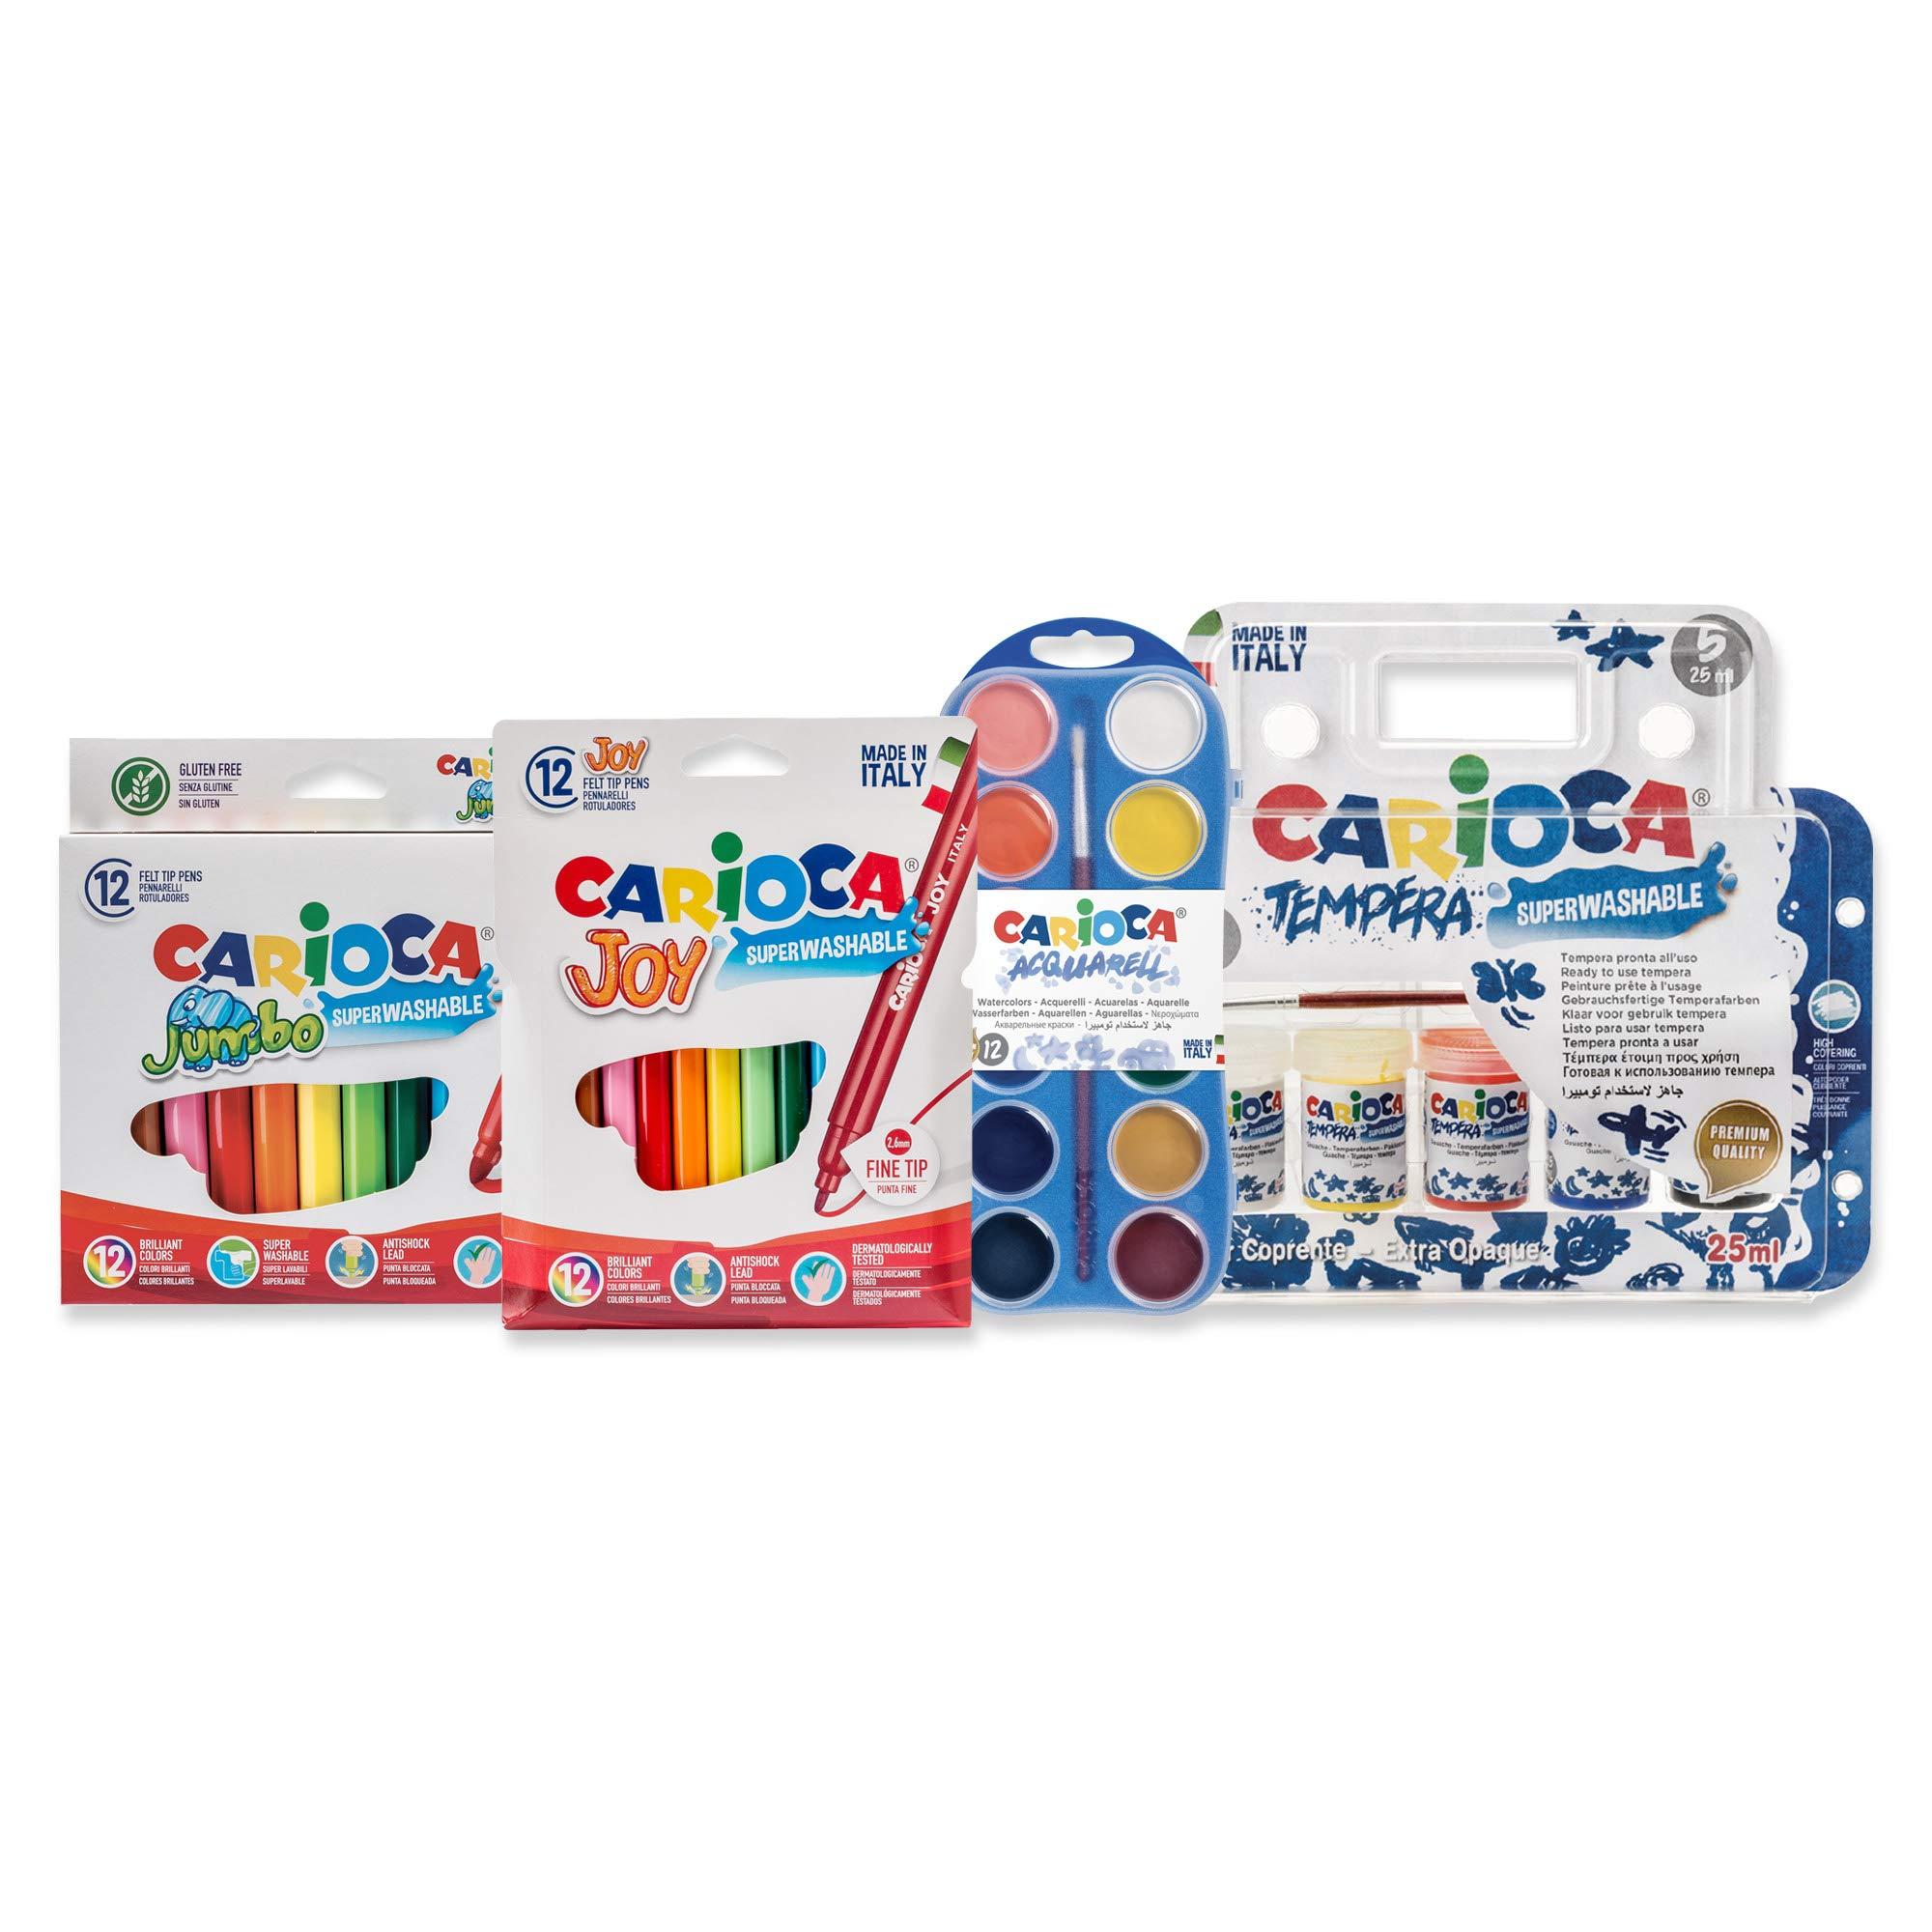 Carioca Set Super Lavable | Kit de Colores para Niños con 24 Rotuladores Super Lavables, 12 Acuarelas en Pastilla y 5 Vasitos de Témperas para Niños, 41 Unidades: Amazon.es: Juguetes y juegos